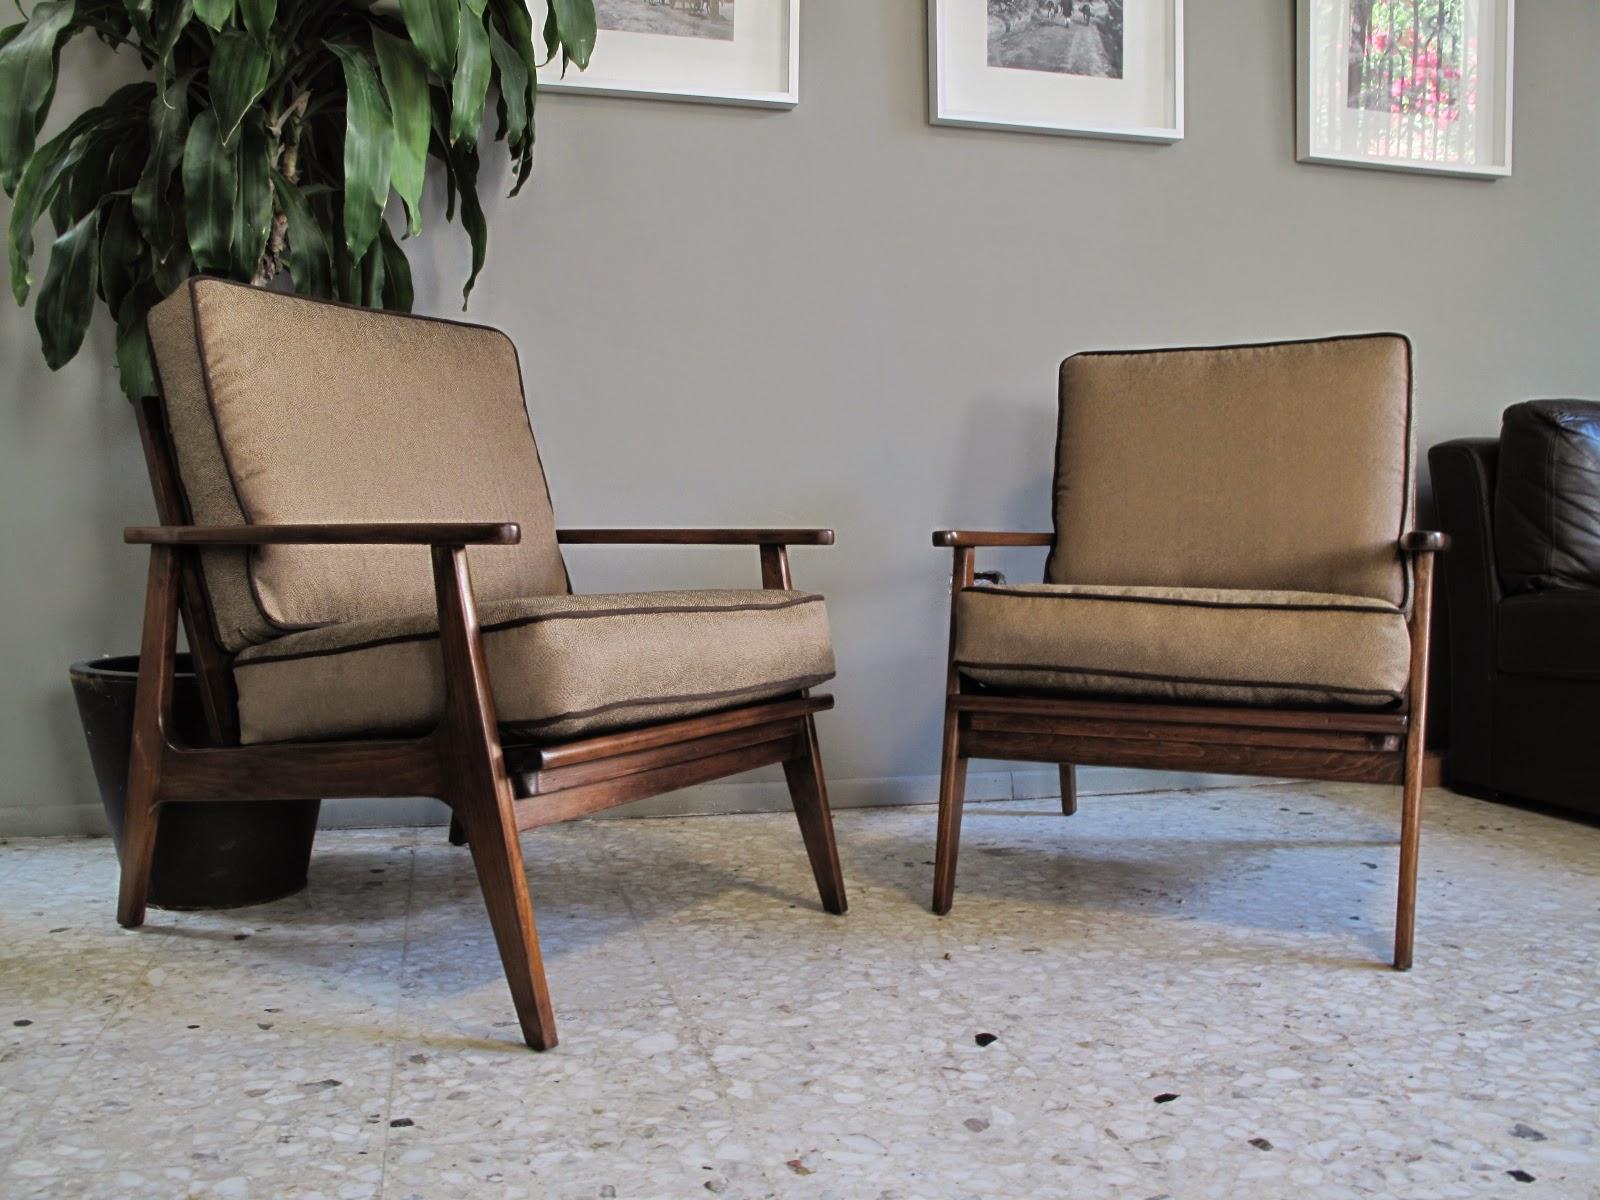 Aera60 mobiliario sillones estilo danes 50s 60s circa - Sillones estilo vintage ...